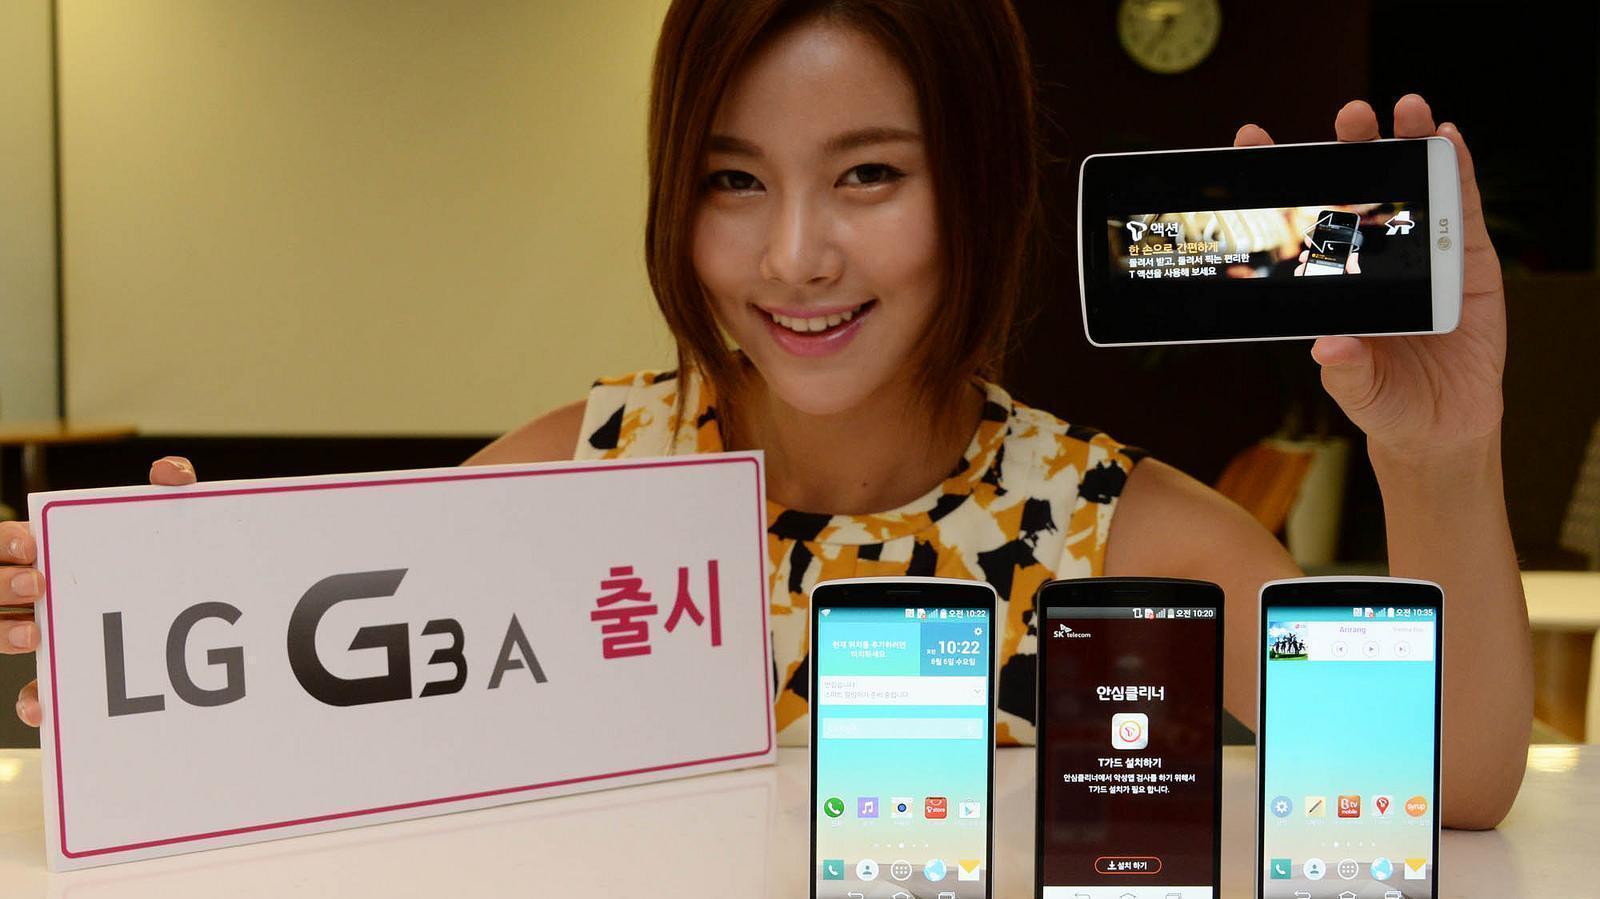 Enda en utgave av LG G3